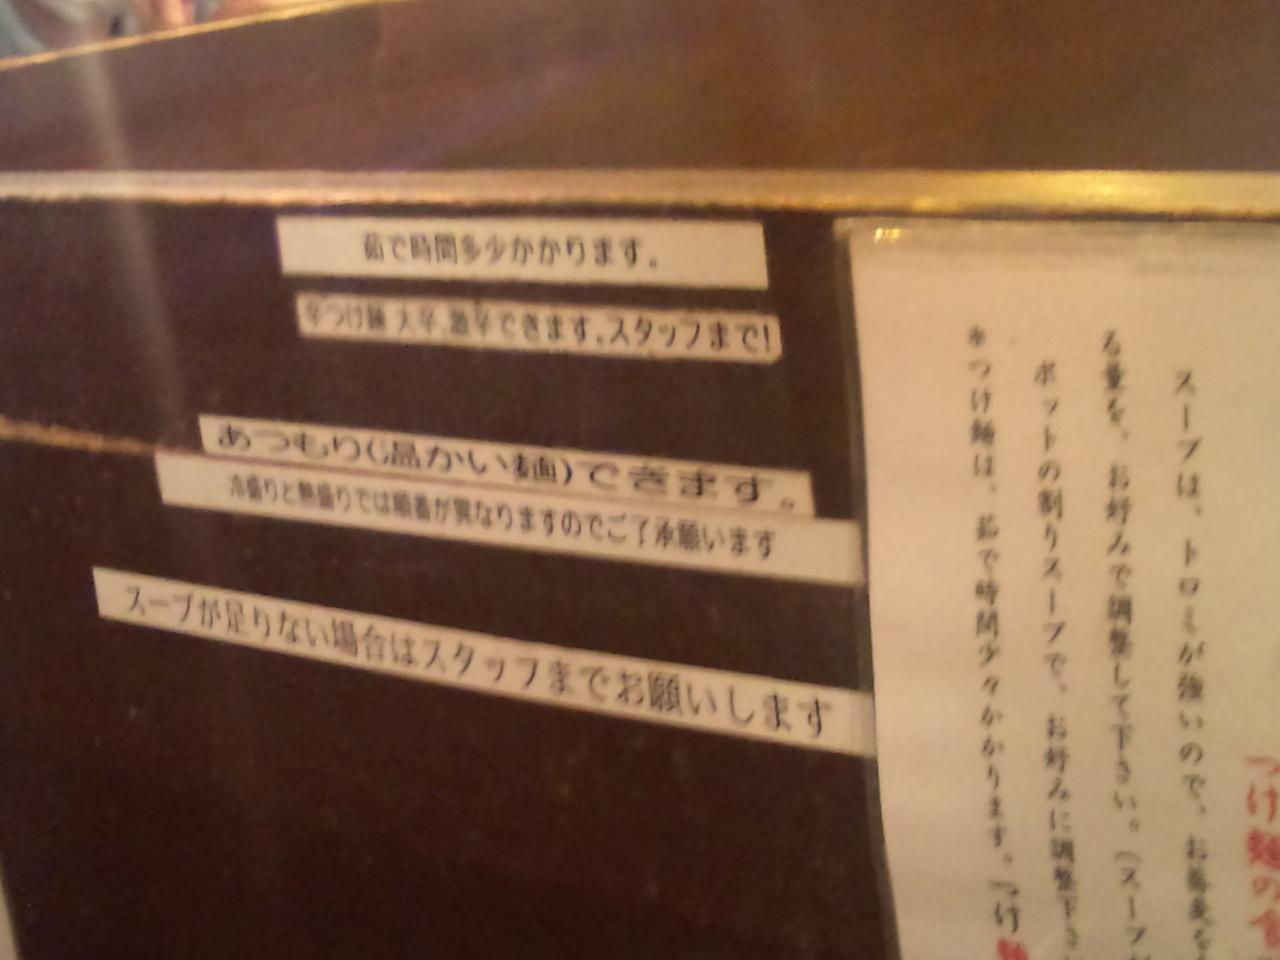 つけ麺えん寺吉祥寺総本店(店内)